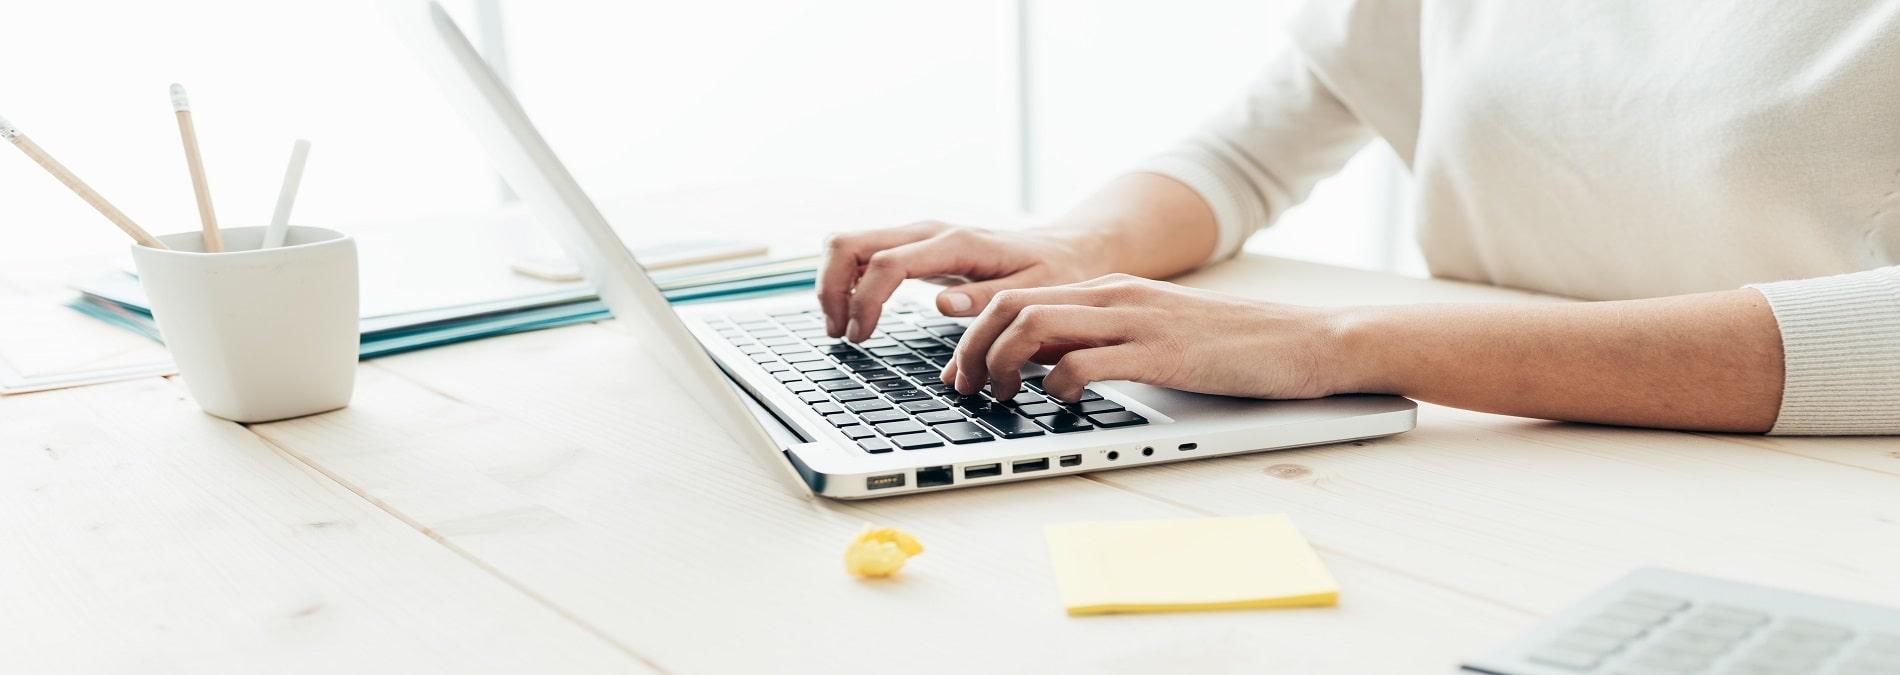 Webinare erfolgreich gestalten